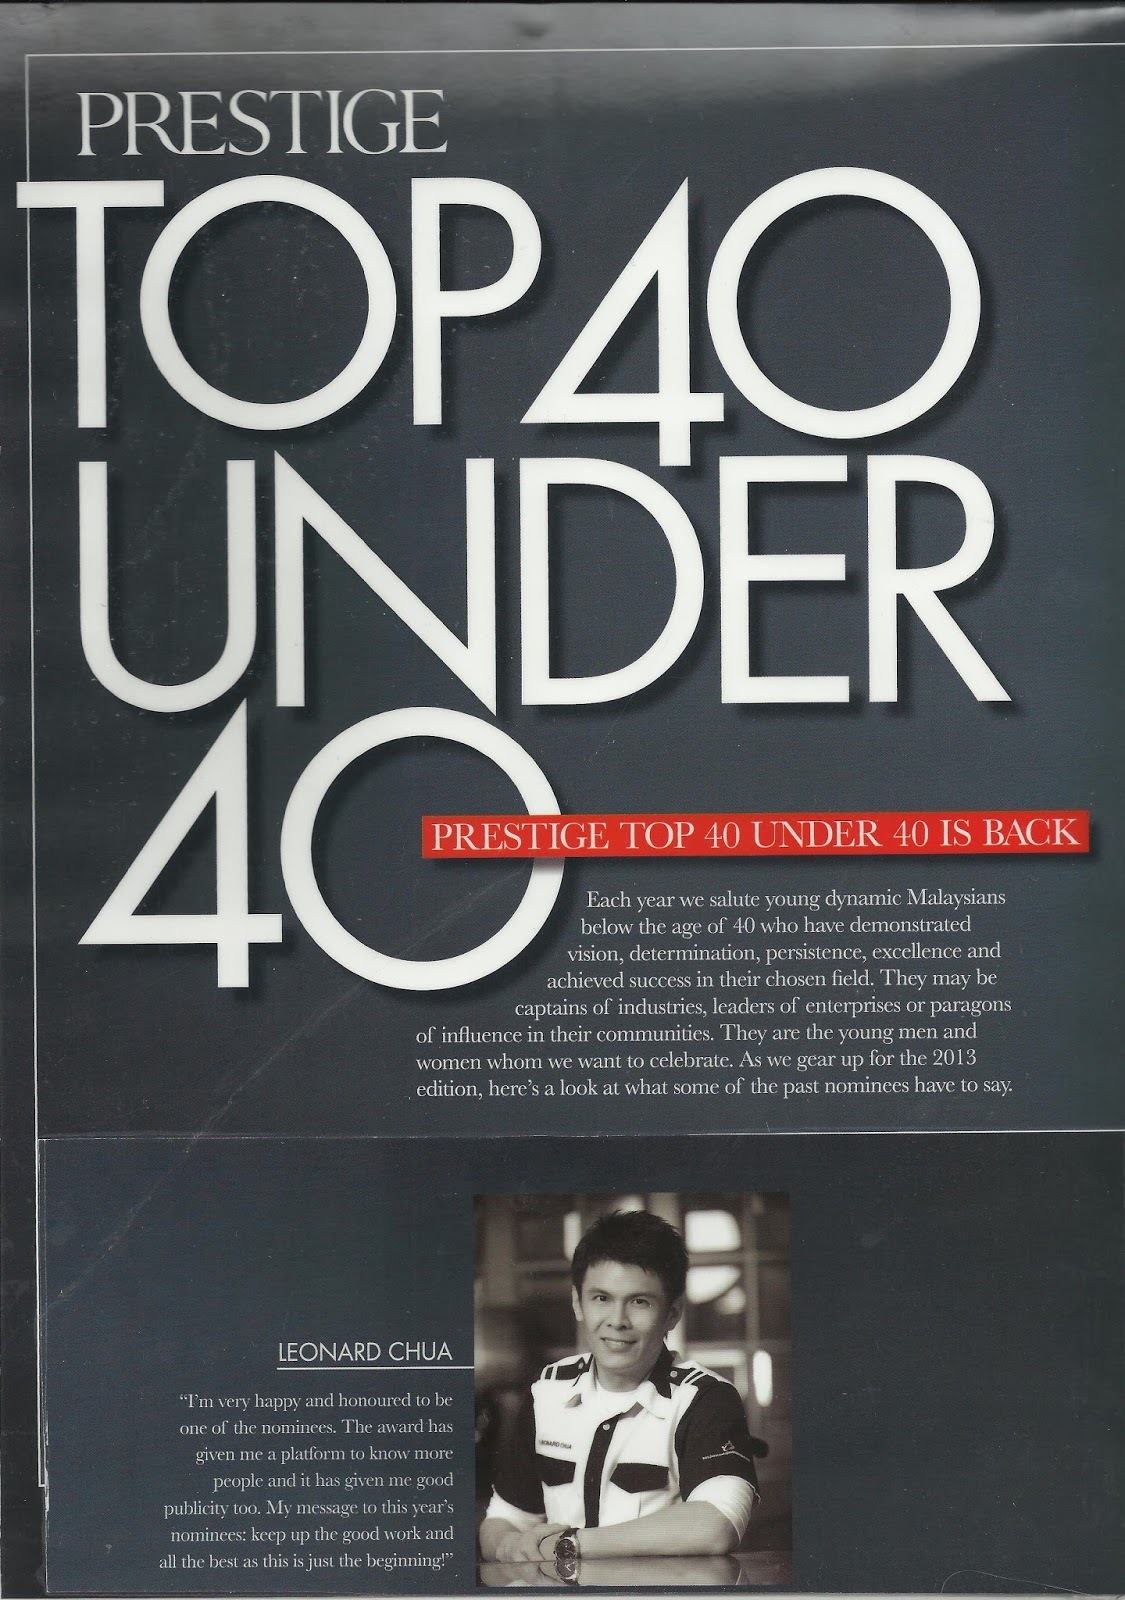 Top 40 under 40 men